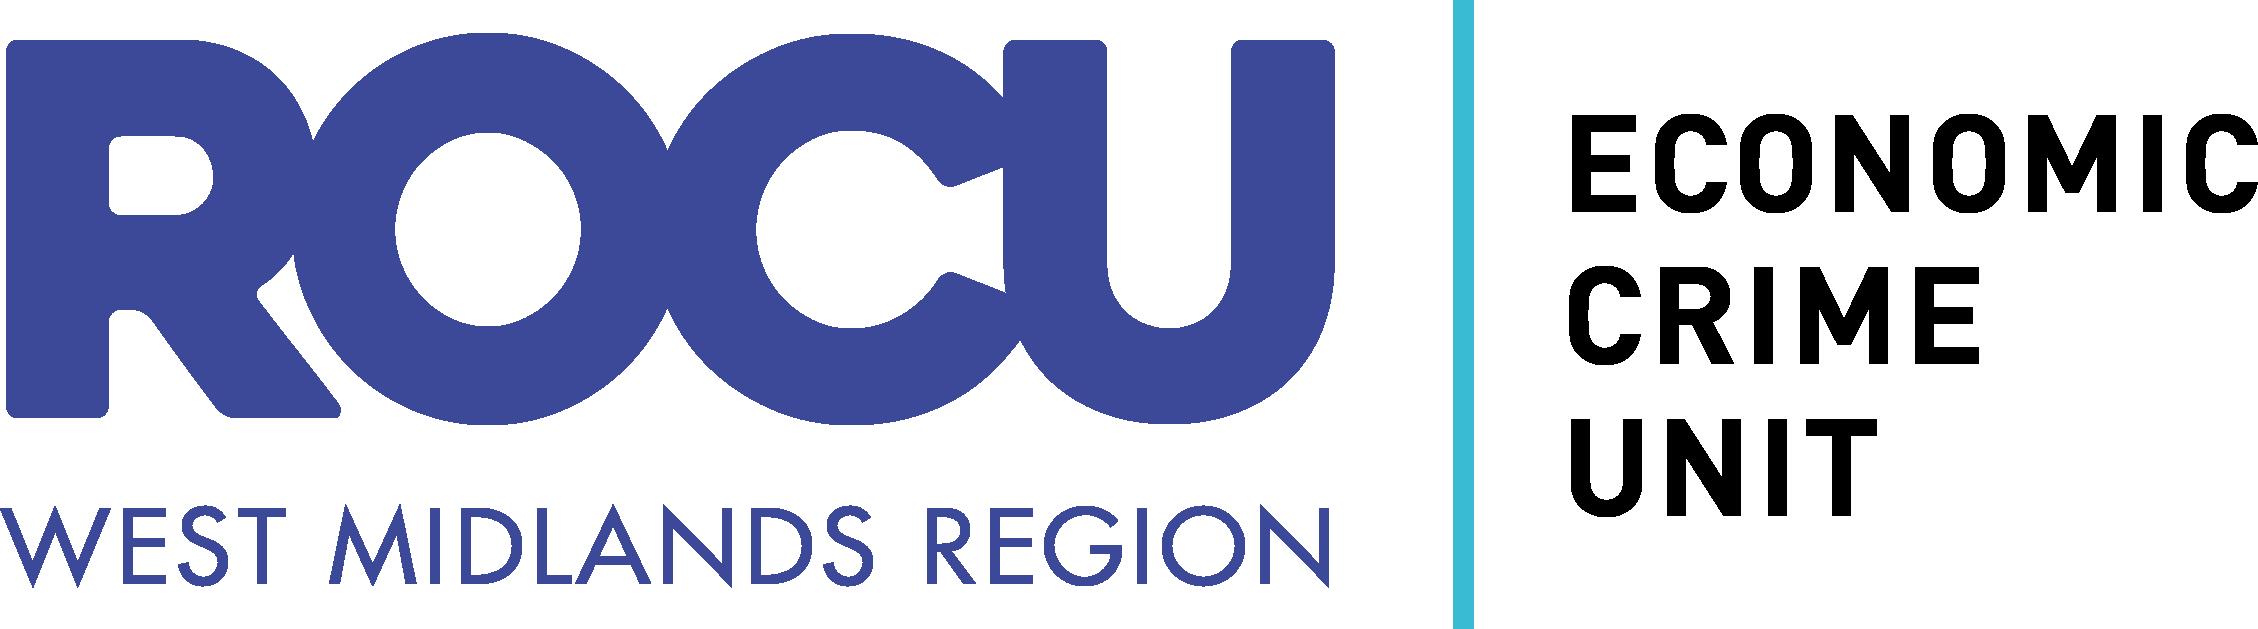 Regional Economic Crime Unit (RECU)